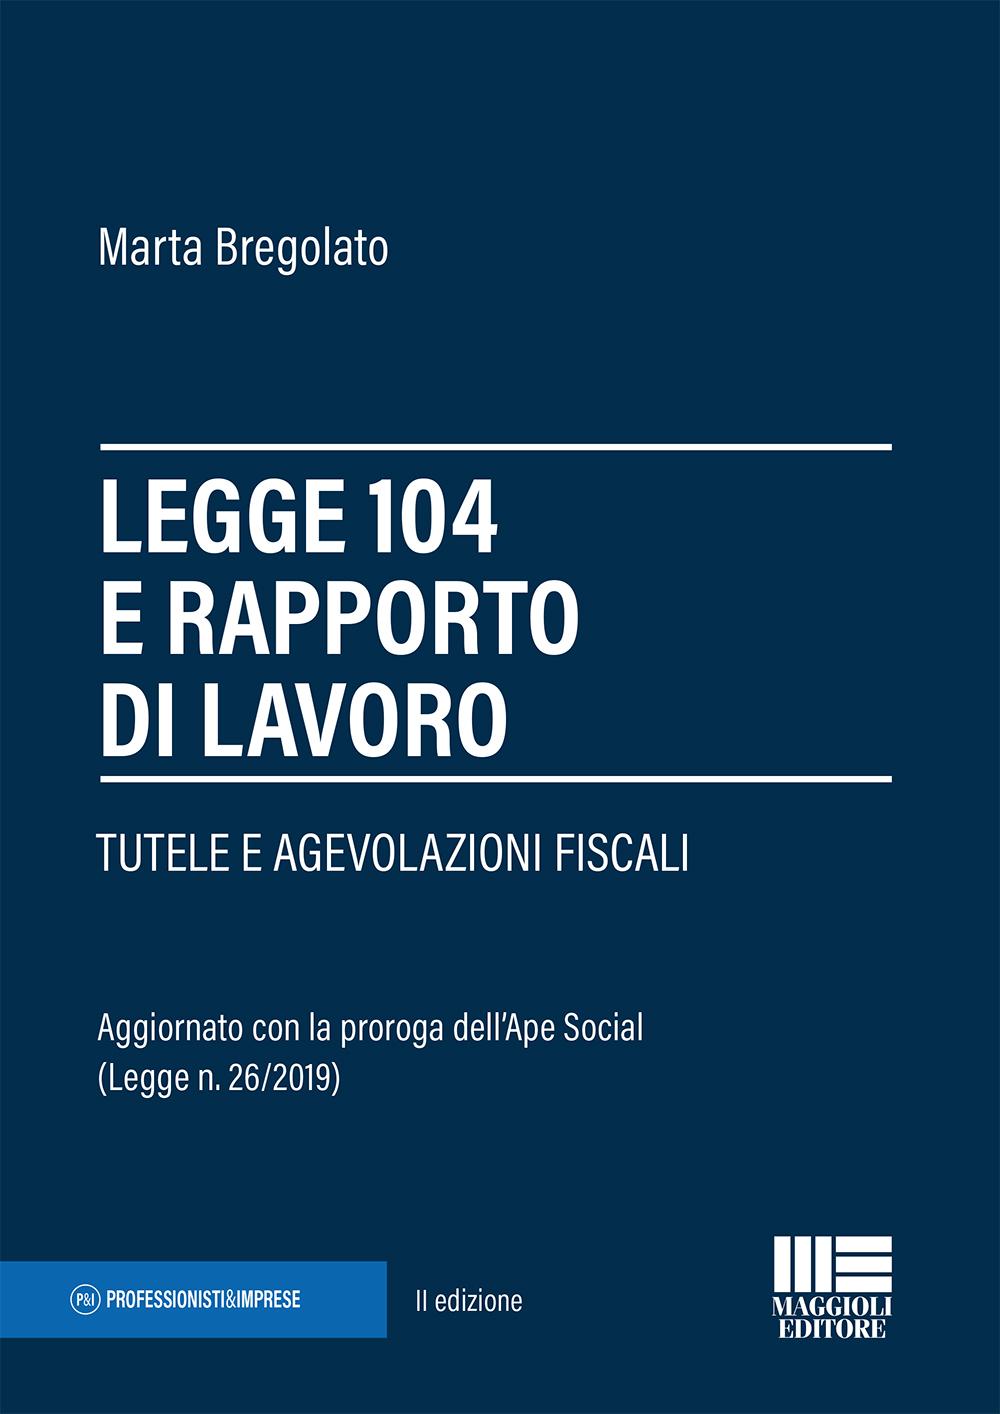 Legge 104 e rapporto di lavoro - Libro di carta